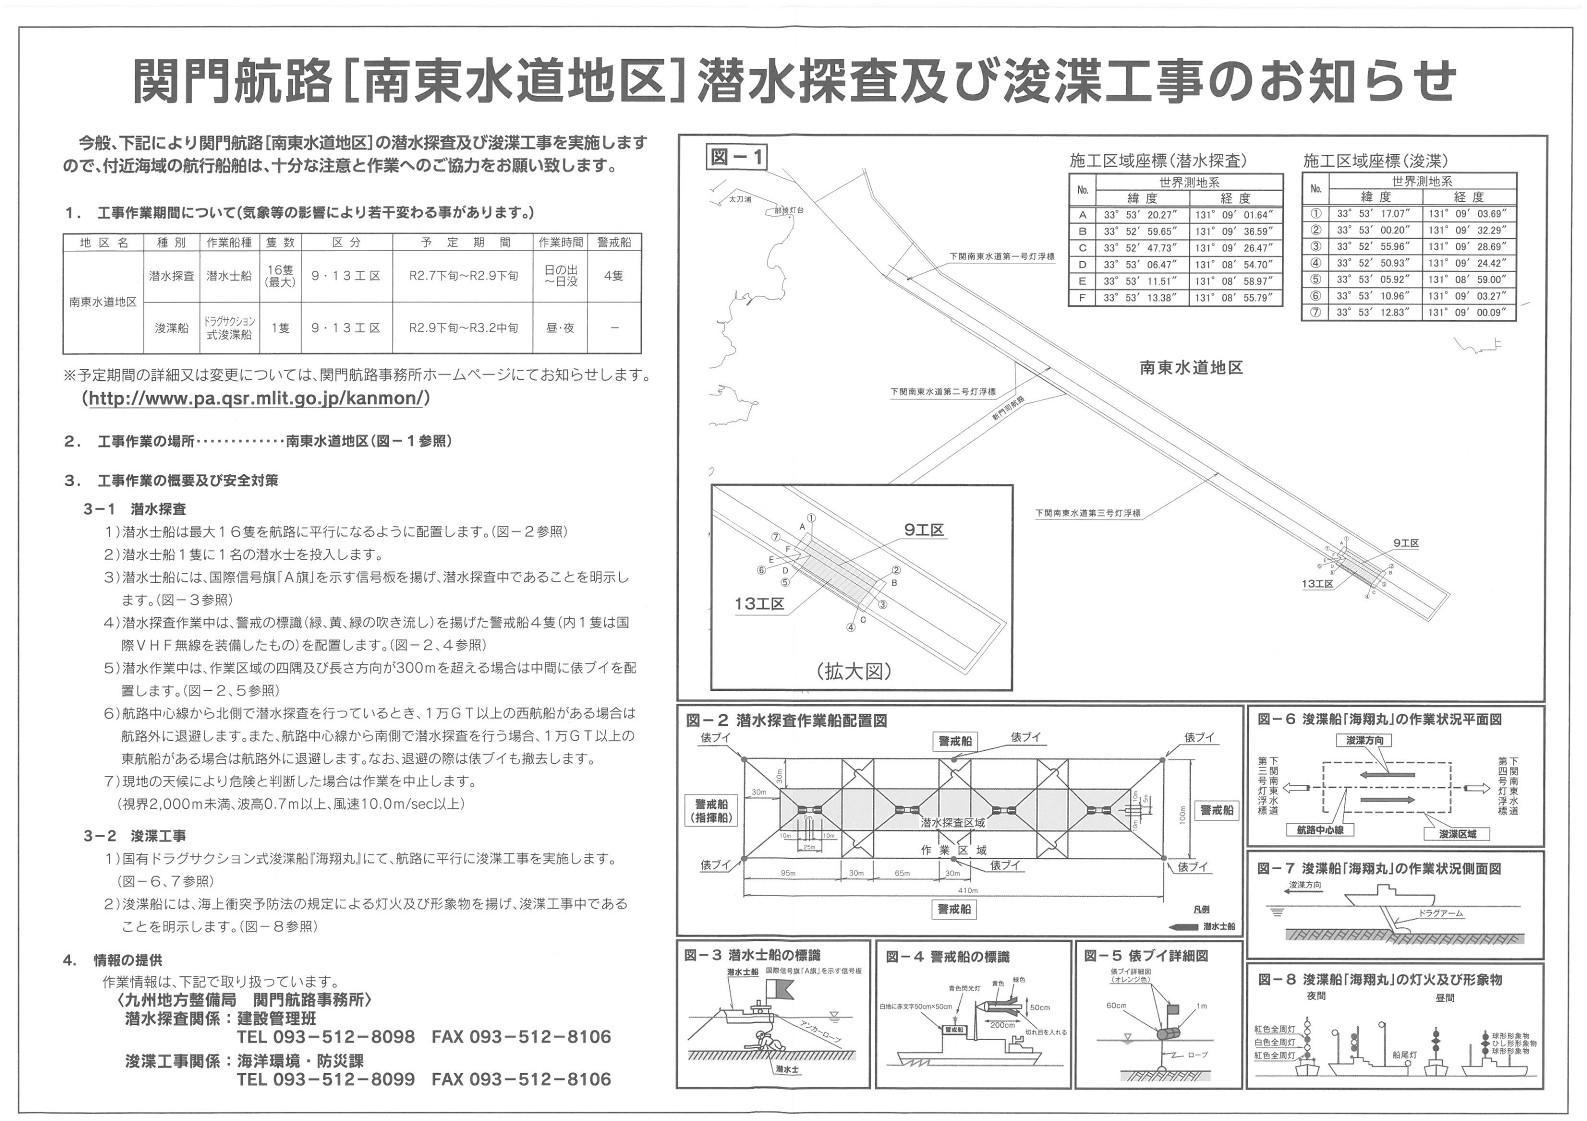 関門航路【南東水道地区】における浚渫工事等のお知らせ_2